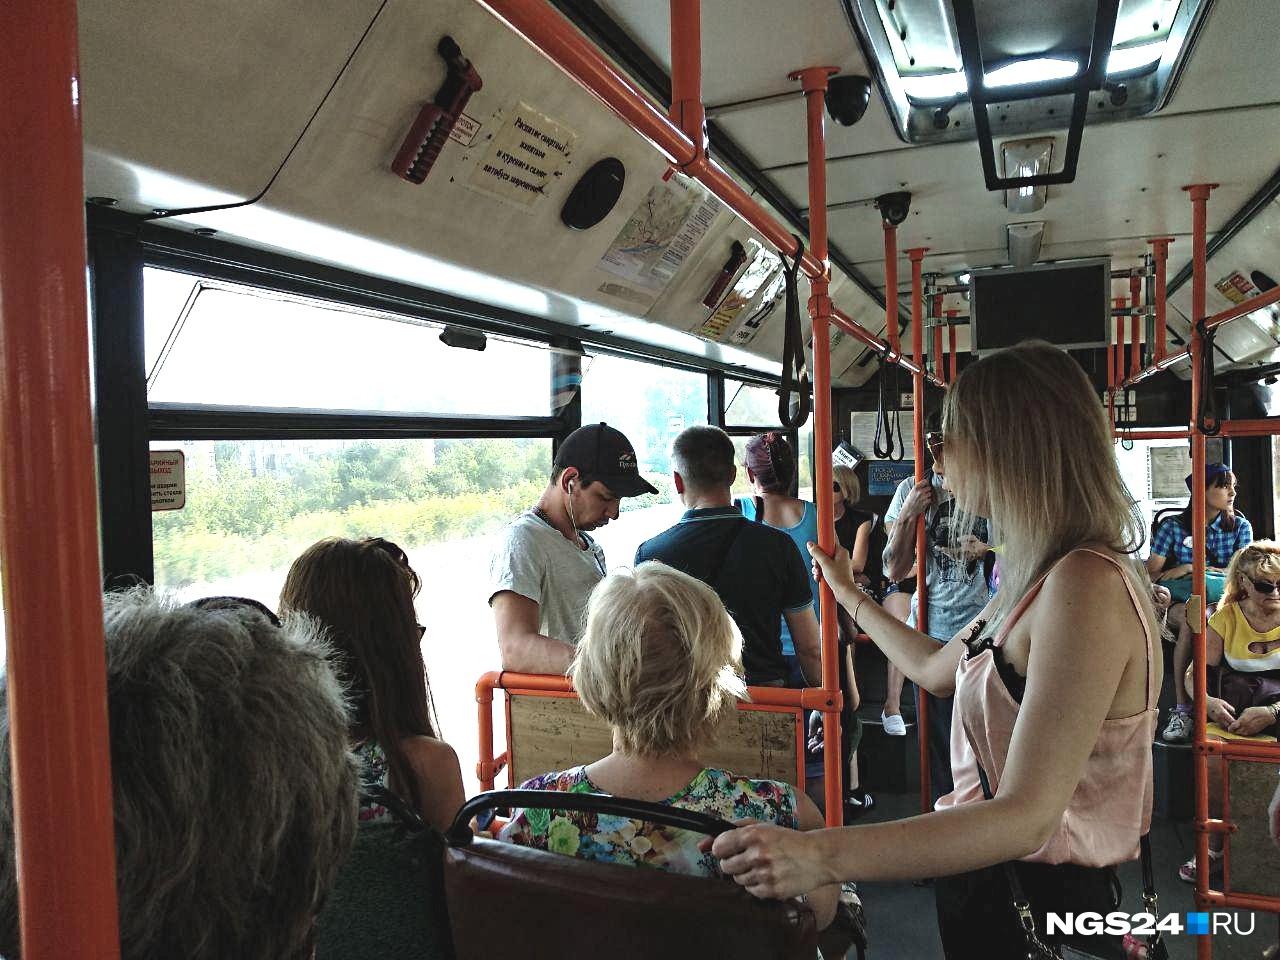 В автобусах распахнуты форточки и люки. Пока помогает: по салону пробегает лёгкий сквознячок